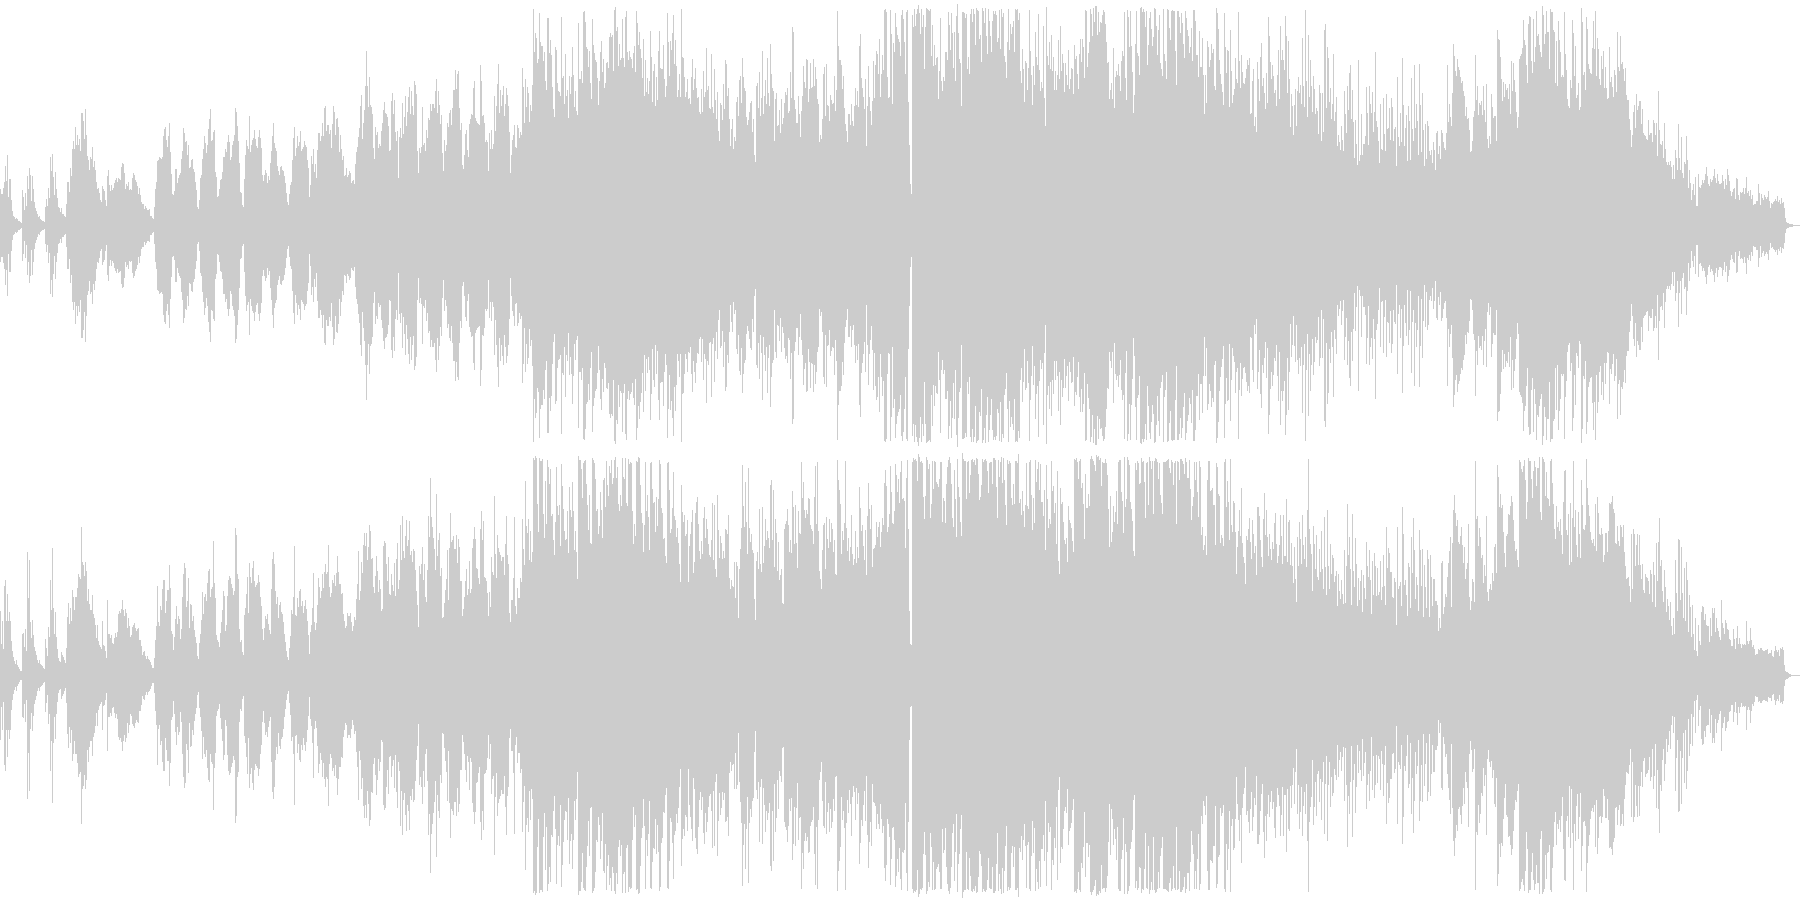 ピアノが印象的な寂しい雰囲気のバラード3の未再生の波形